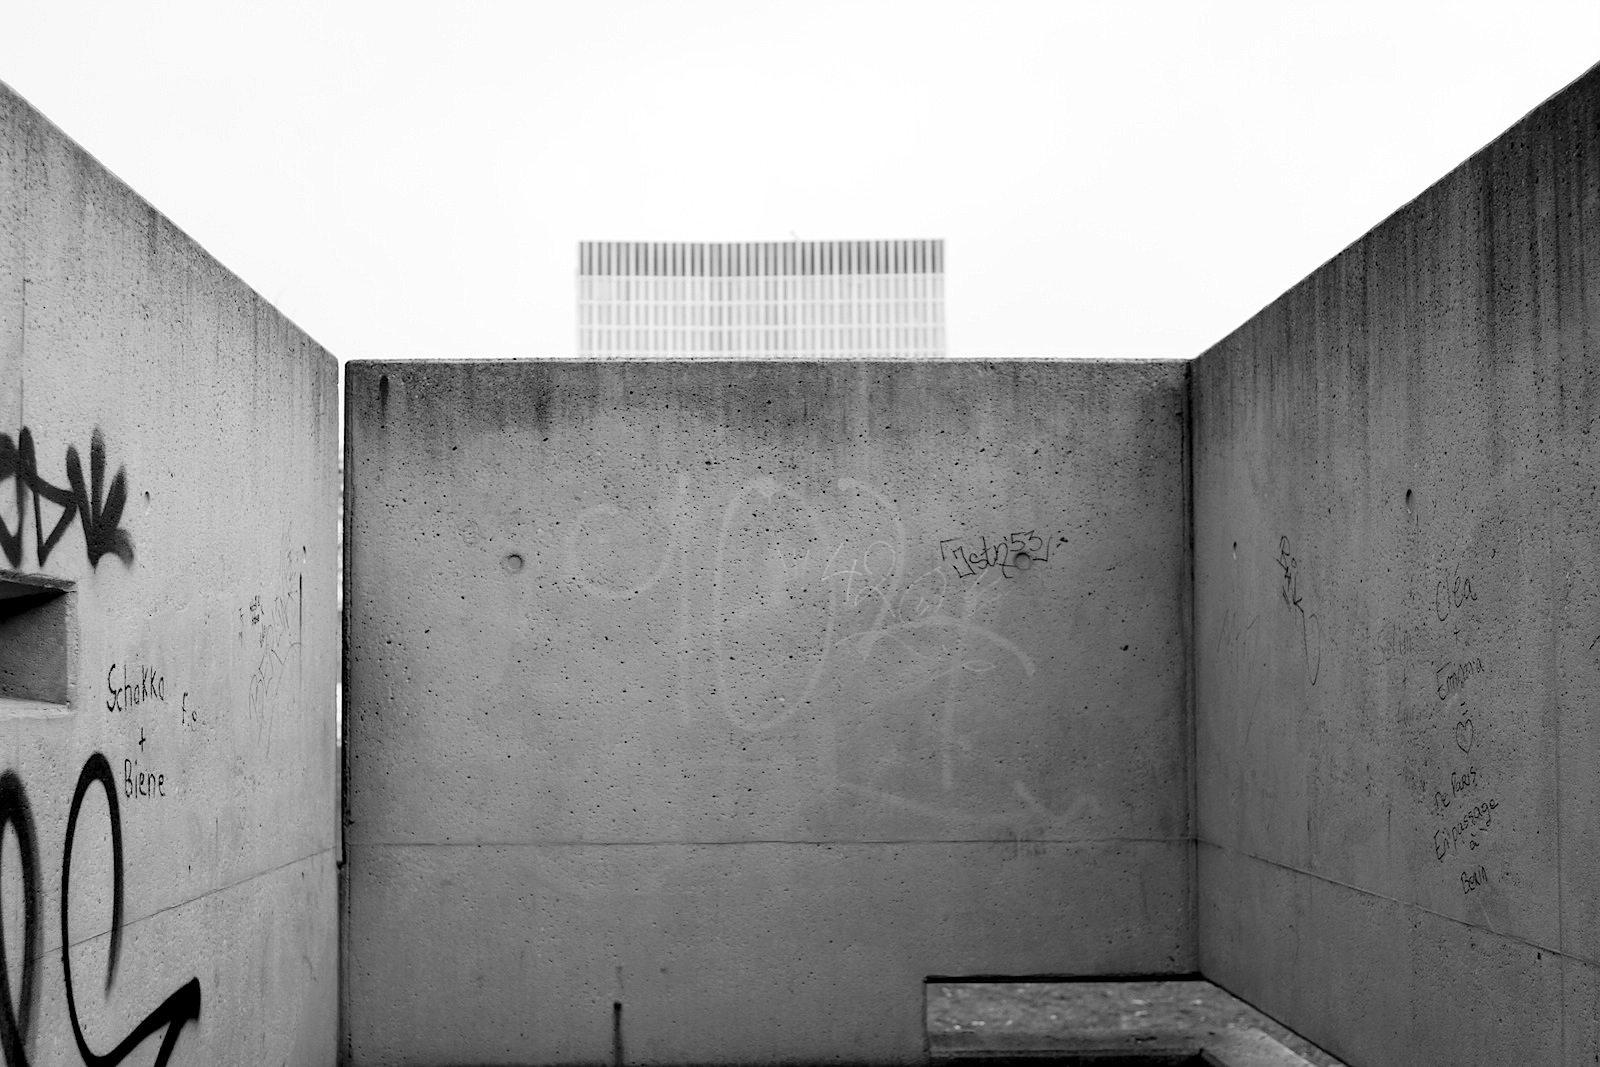 Geschichtspark ehemaliges Zellengefängnis Moabit